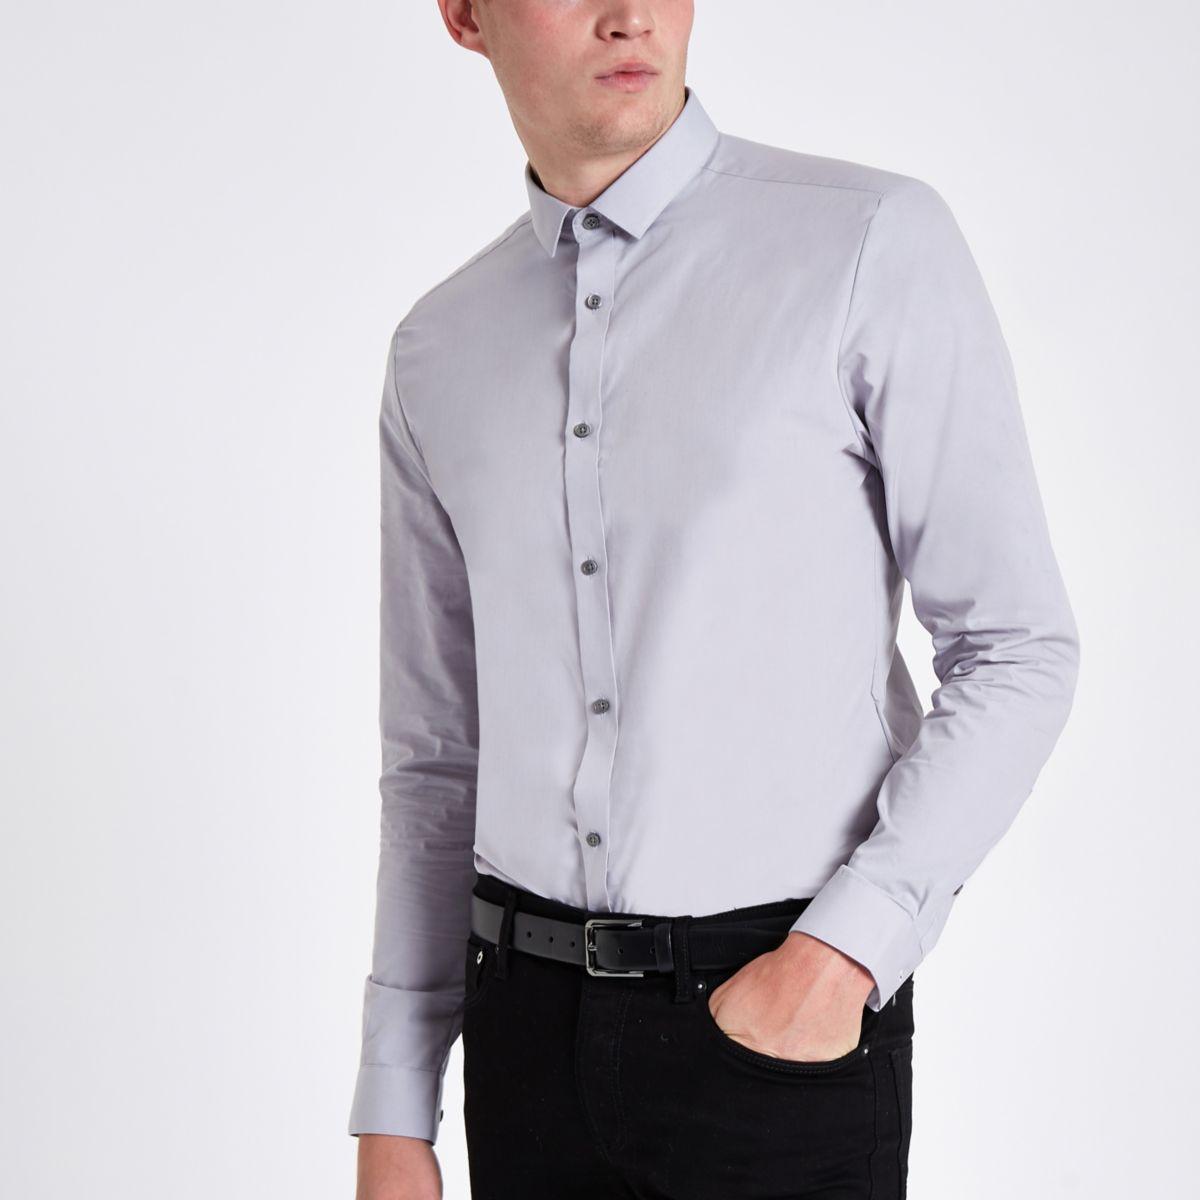 Light grey button-up long sleeve shirt